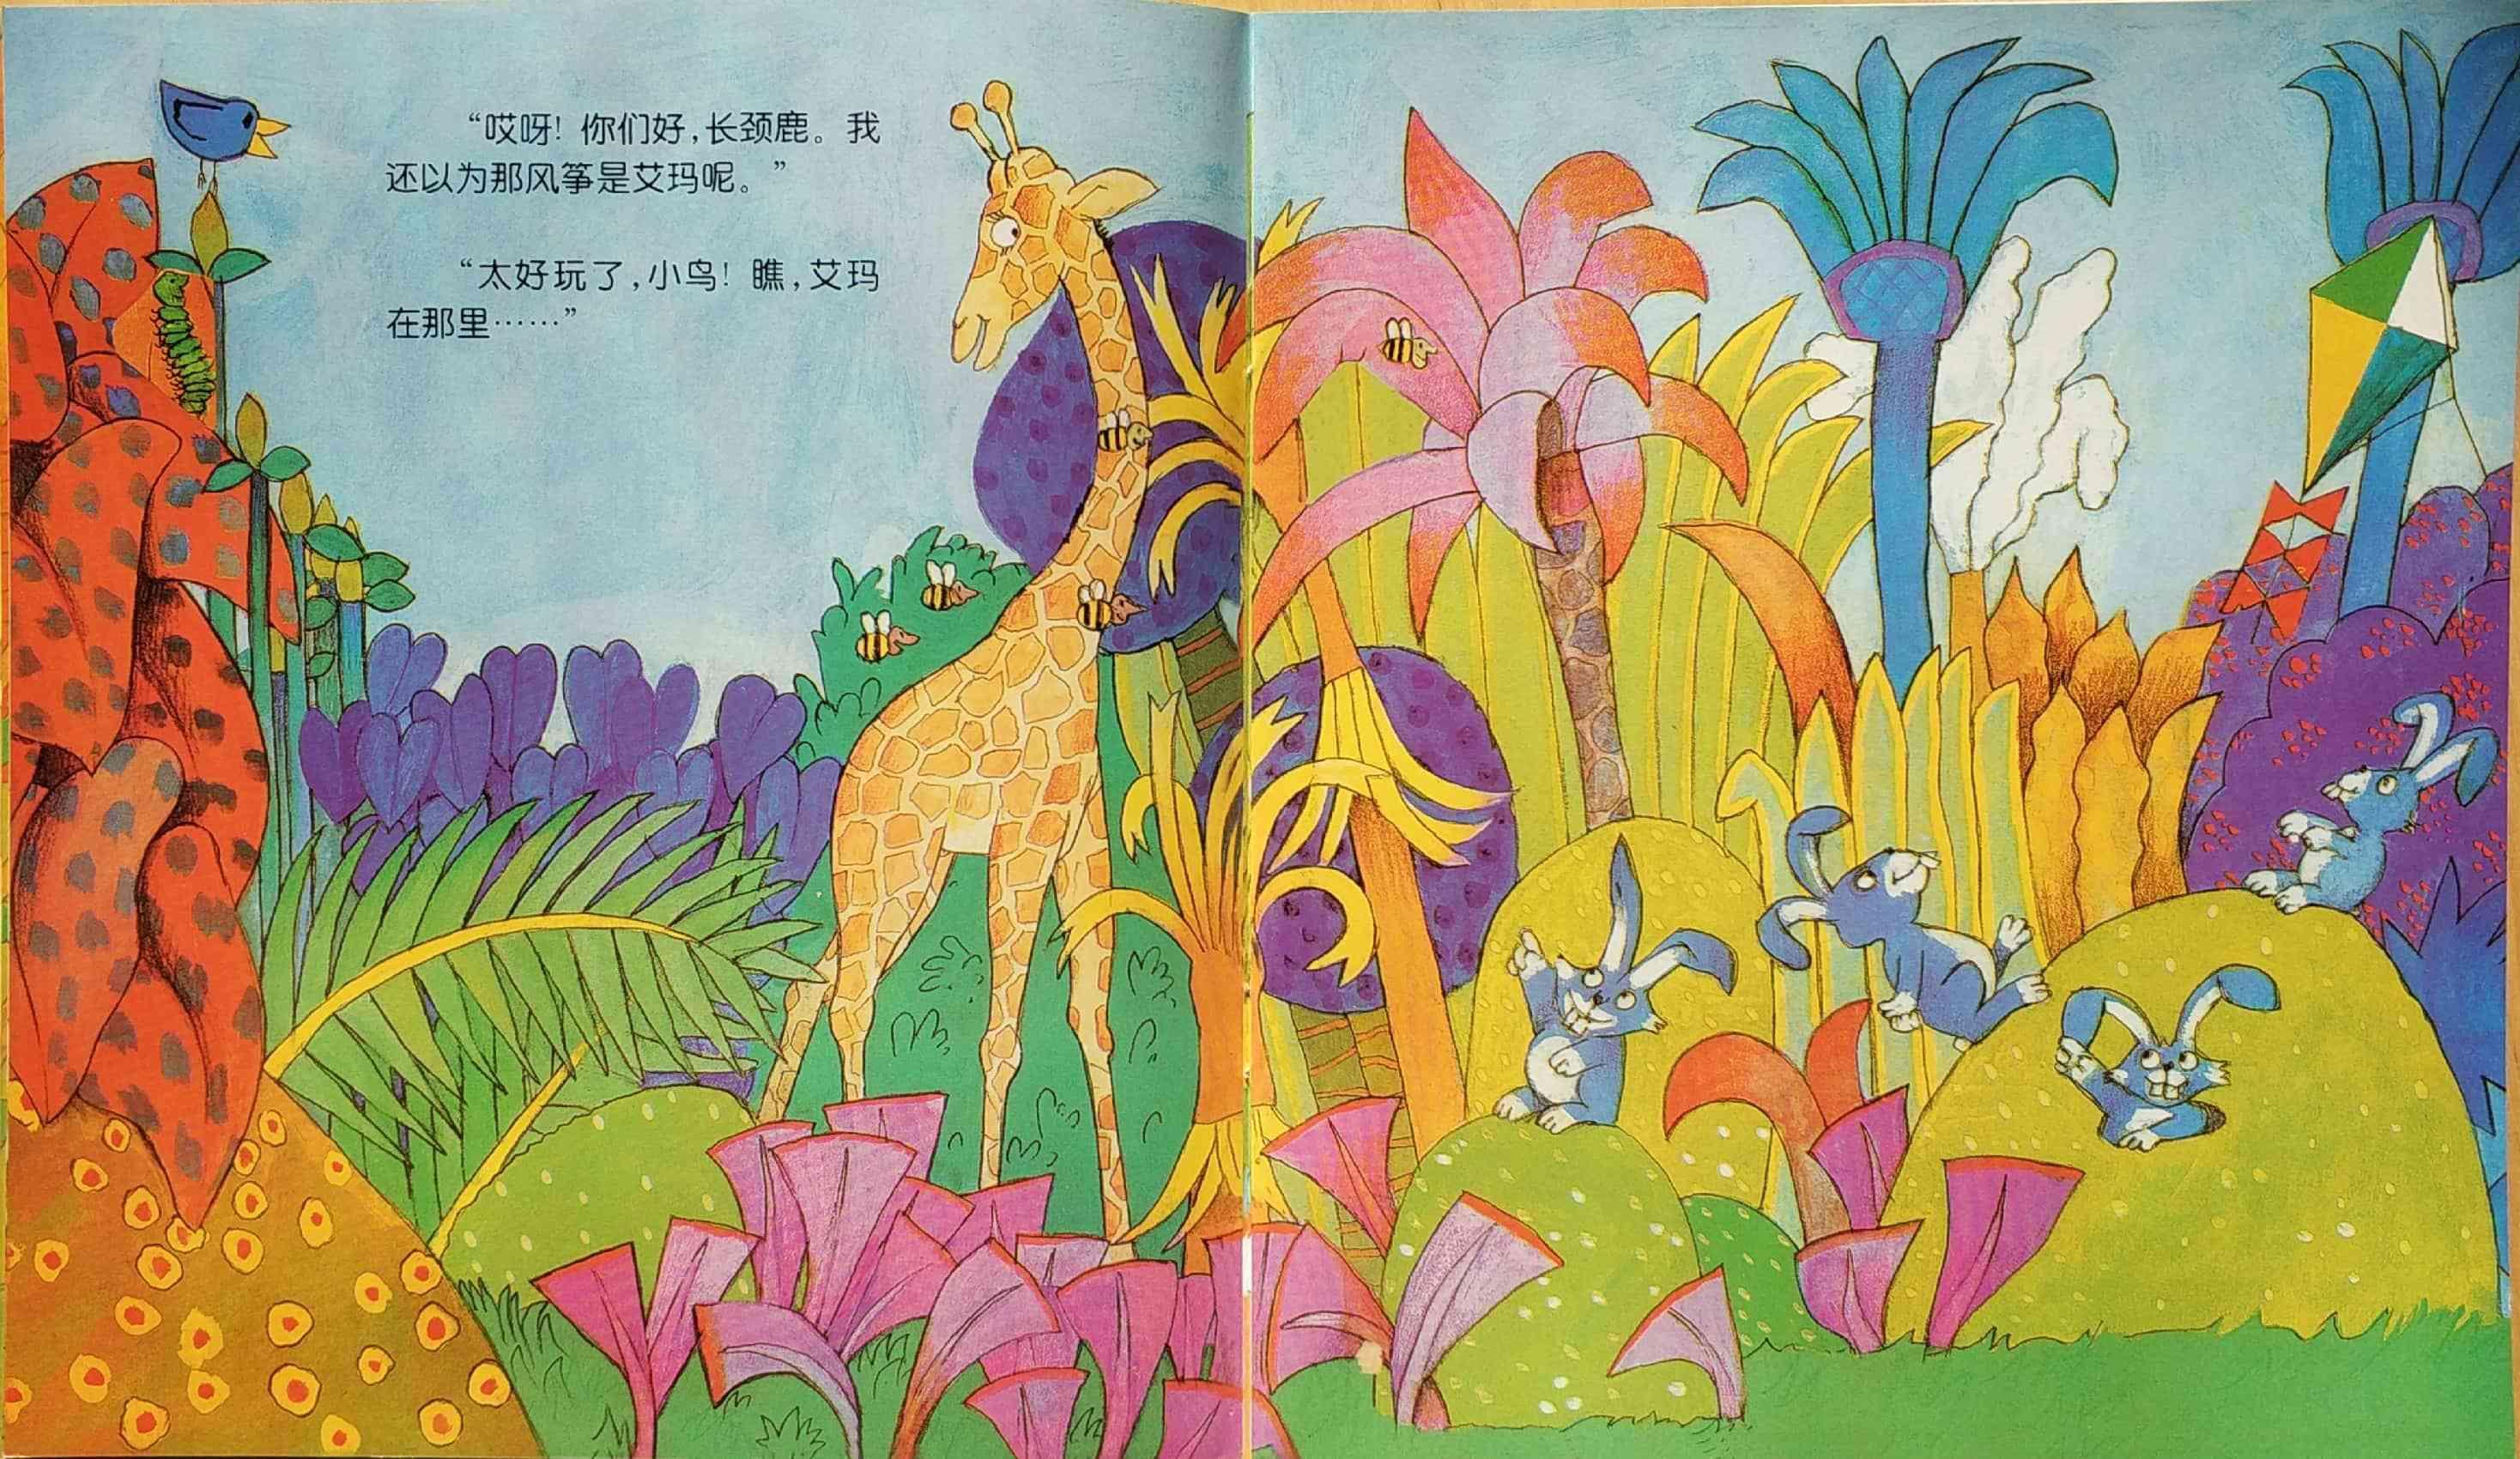 这本画有40多种植物的绘本告诉我们,绘本不仅可以阅读,还可以学画画